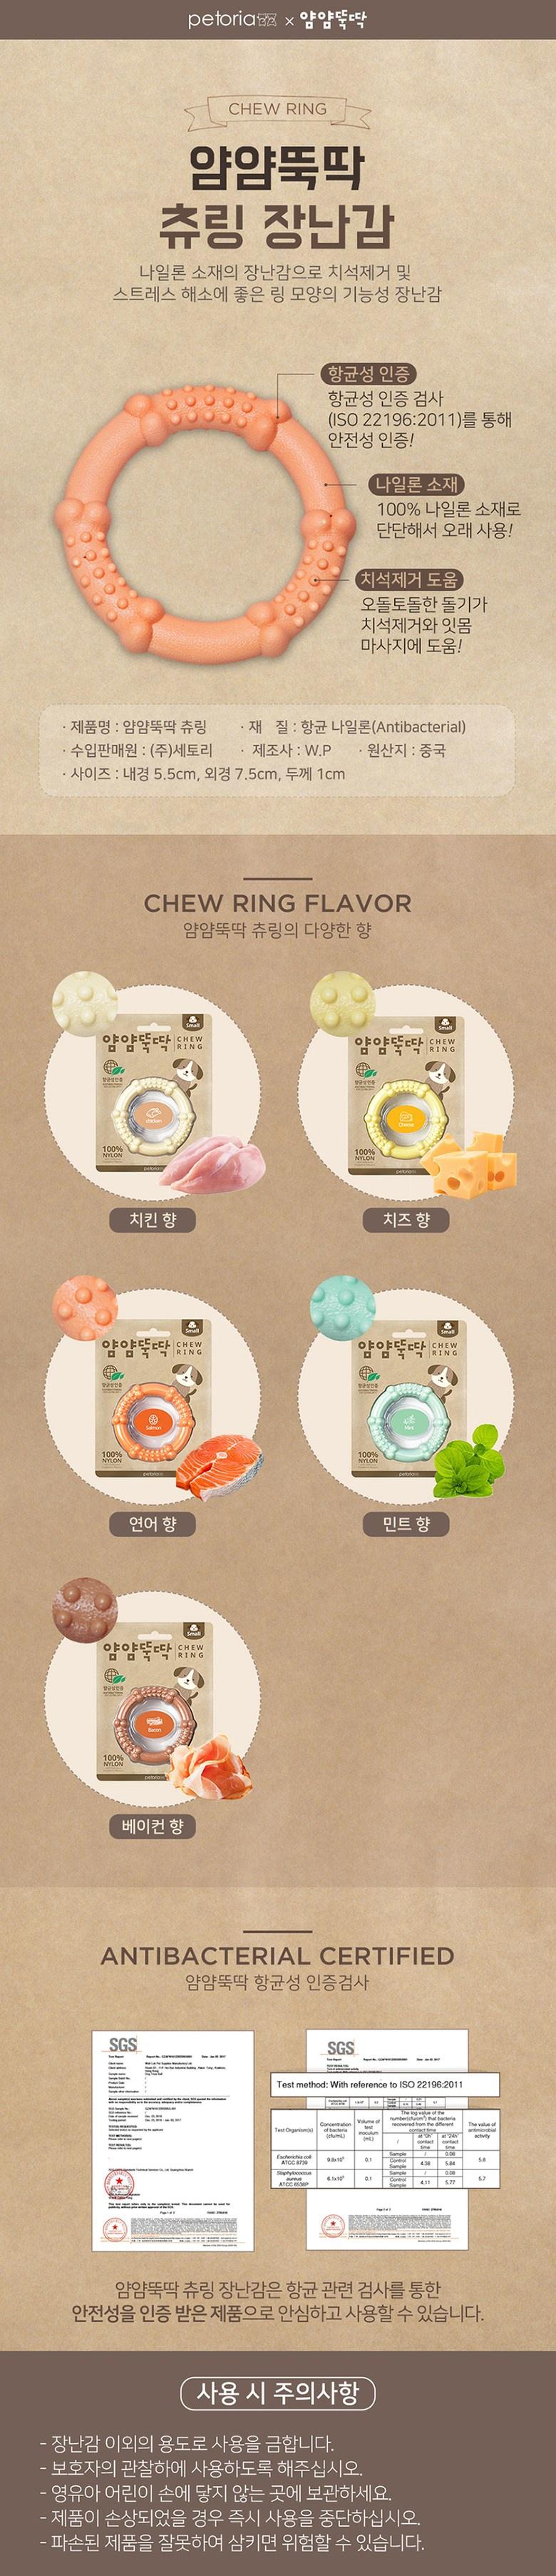 펫토리아 얌얌뚝딱 츄링 S 연어-상품이미지-3